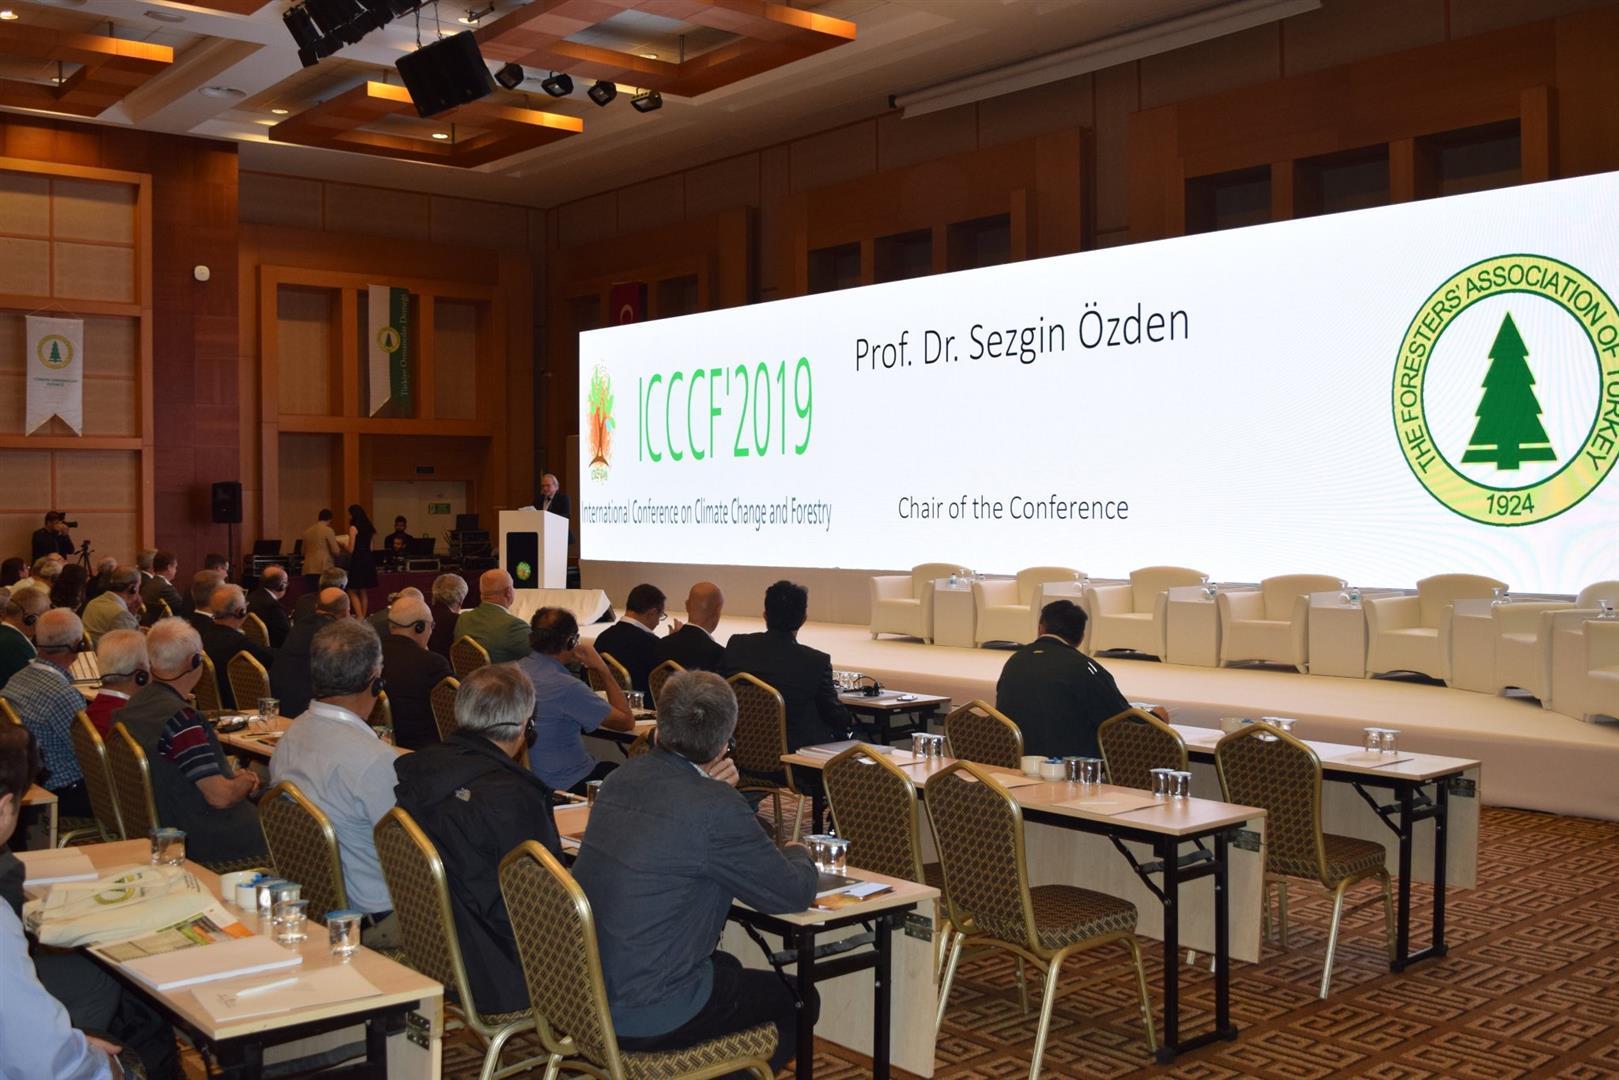 Uluslararası İklim Değişikliği ve Ormancılık Konferansı Yapıldı Resim